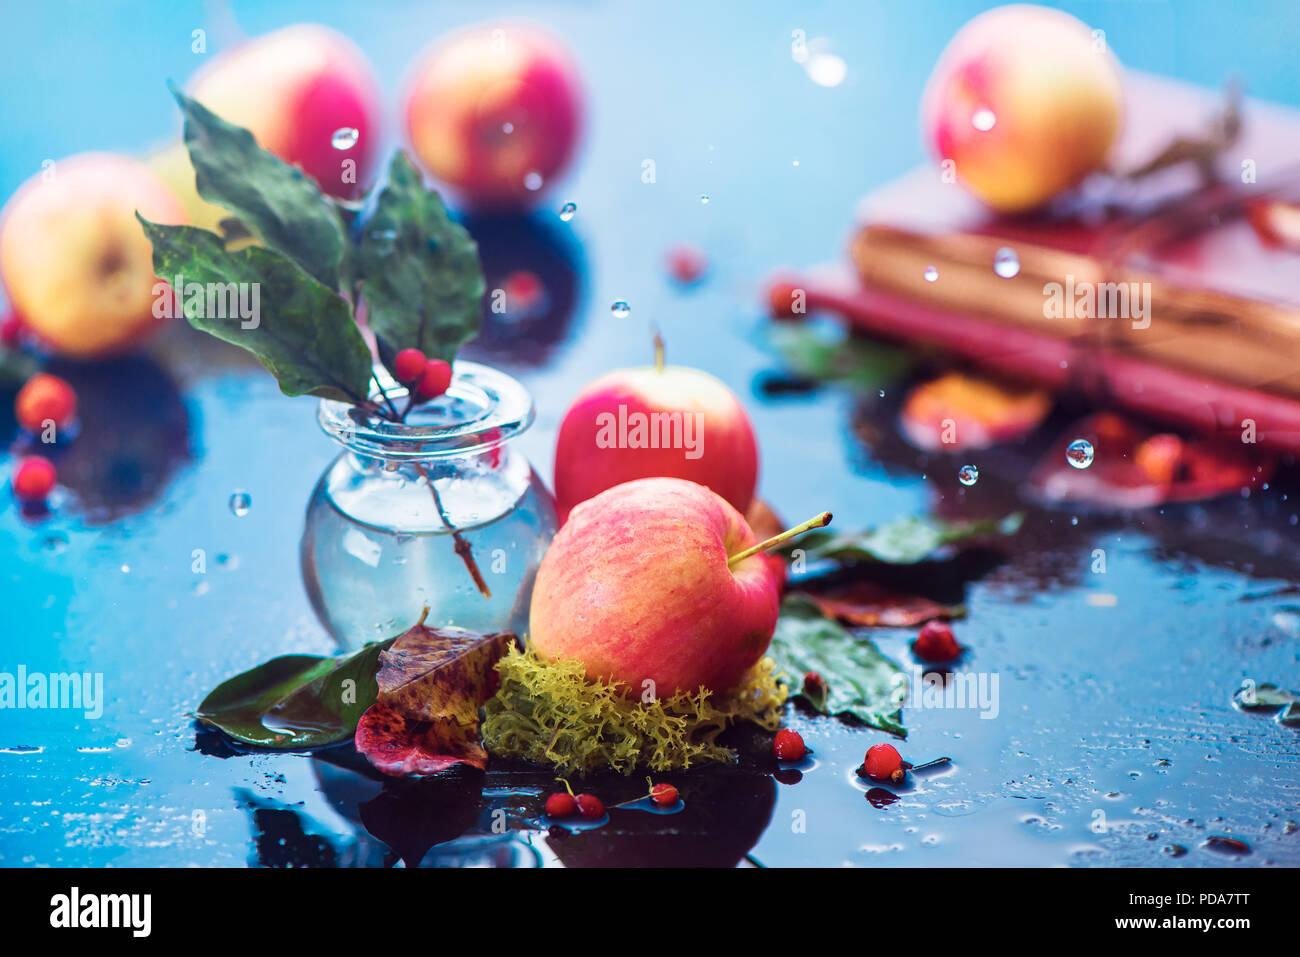 In autunno le mele ancora in vita. La raccolta autunnale la testata sotto la pioggia con gocce di acqua e copia dello spazio. Rosso piccolo ranet organico di mele con un vaso di vetro e caduta foglie Immagini Stock